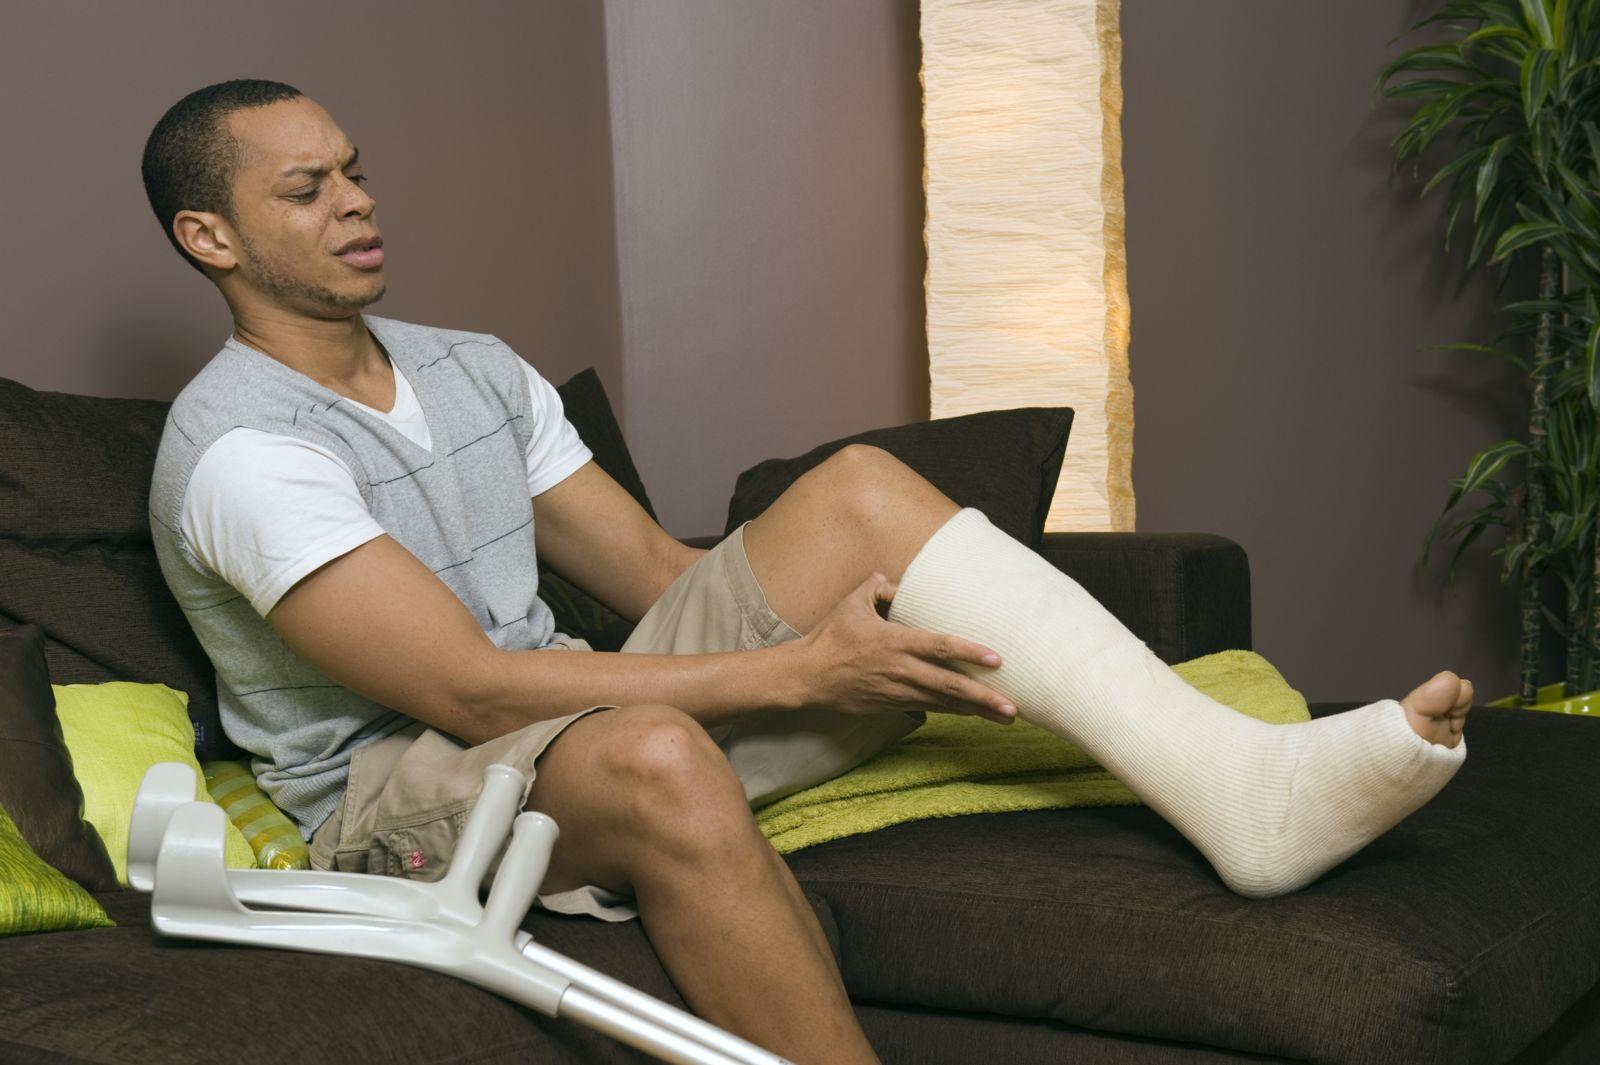 Houston podiatrist discusses Dak Prescott's broken ankle